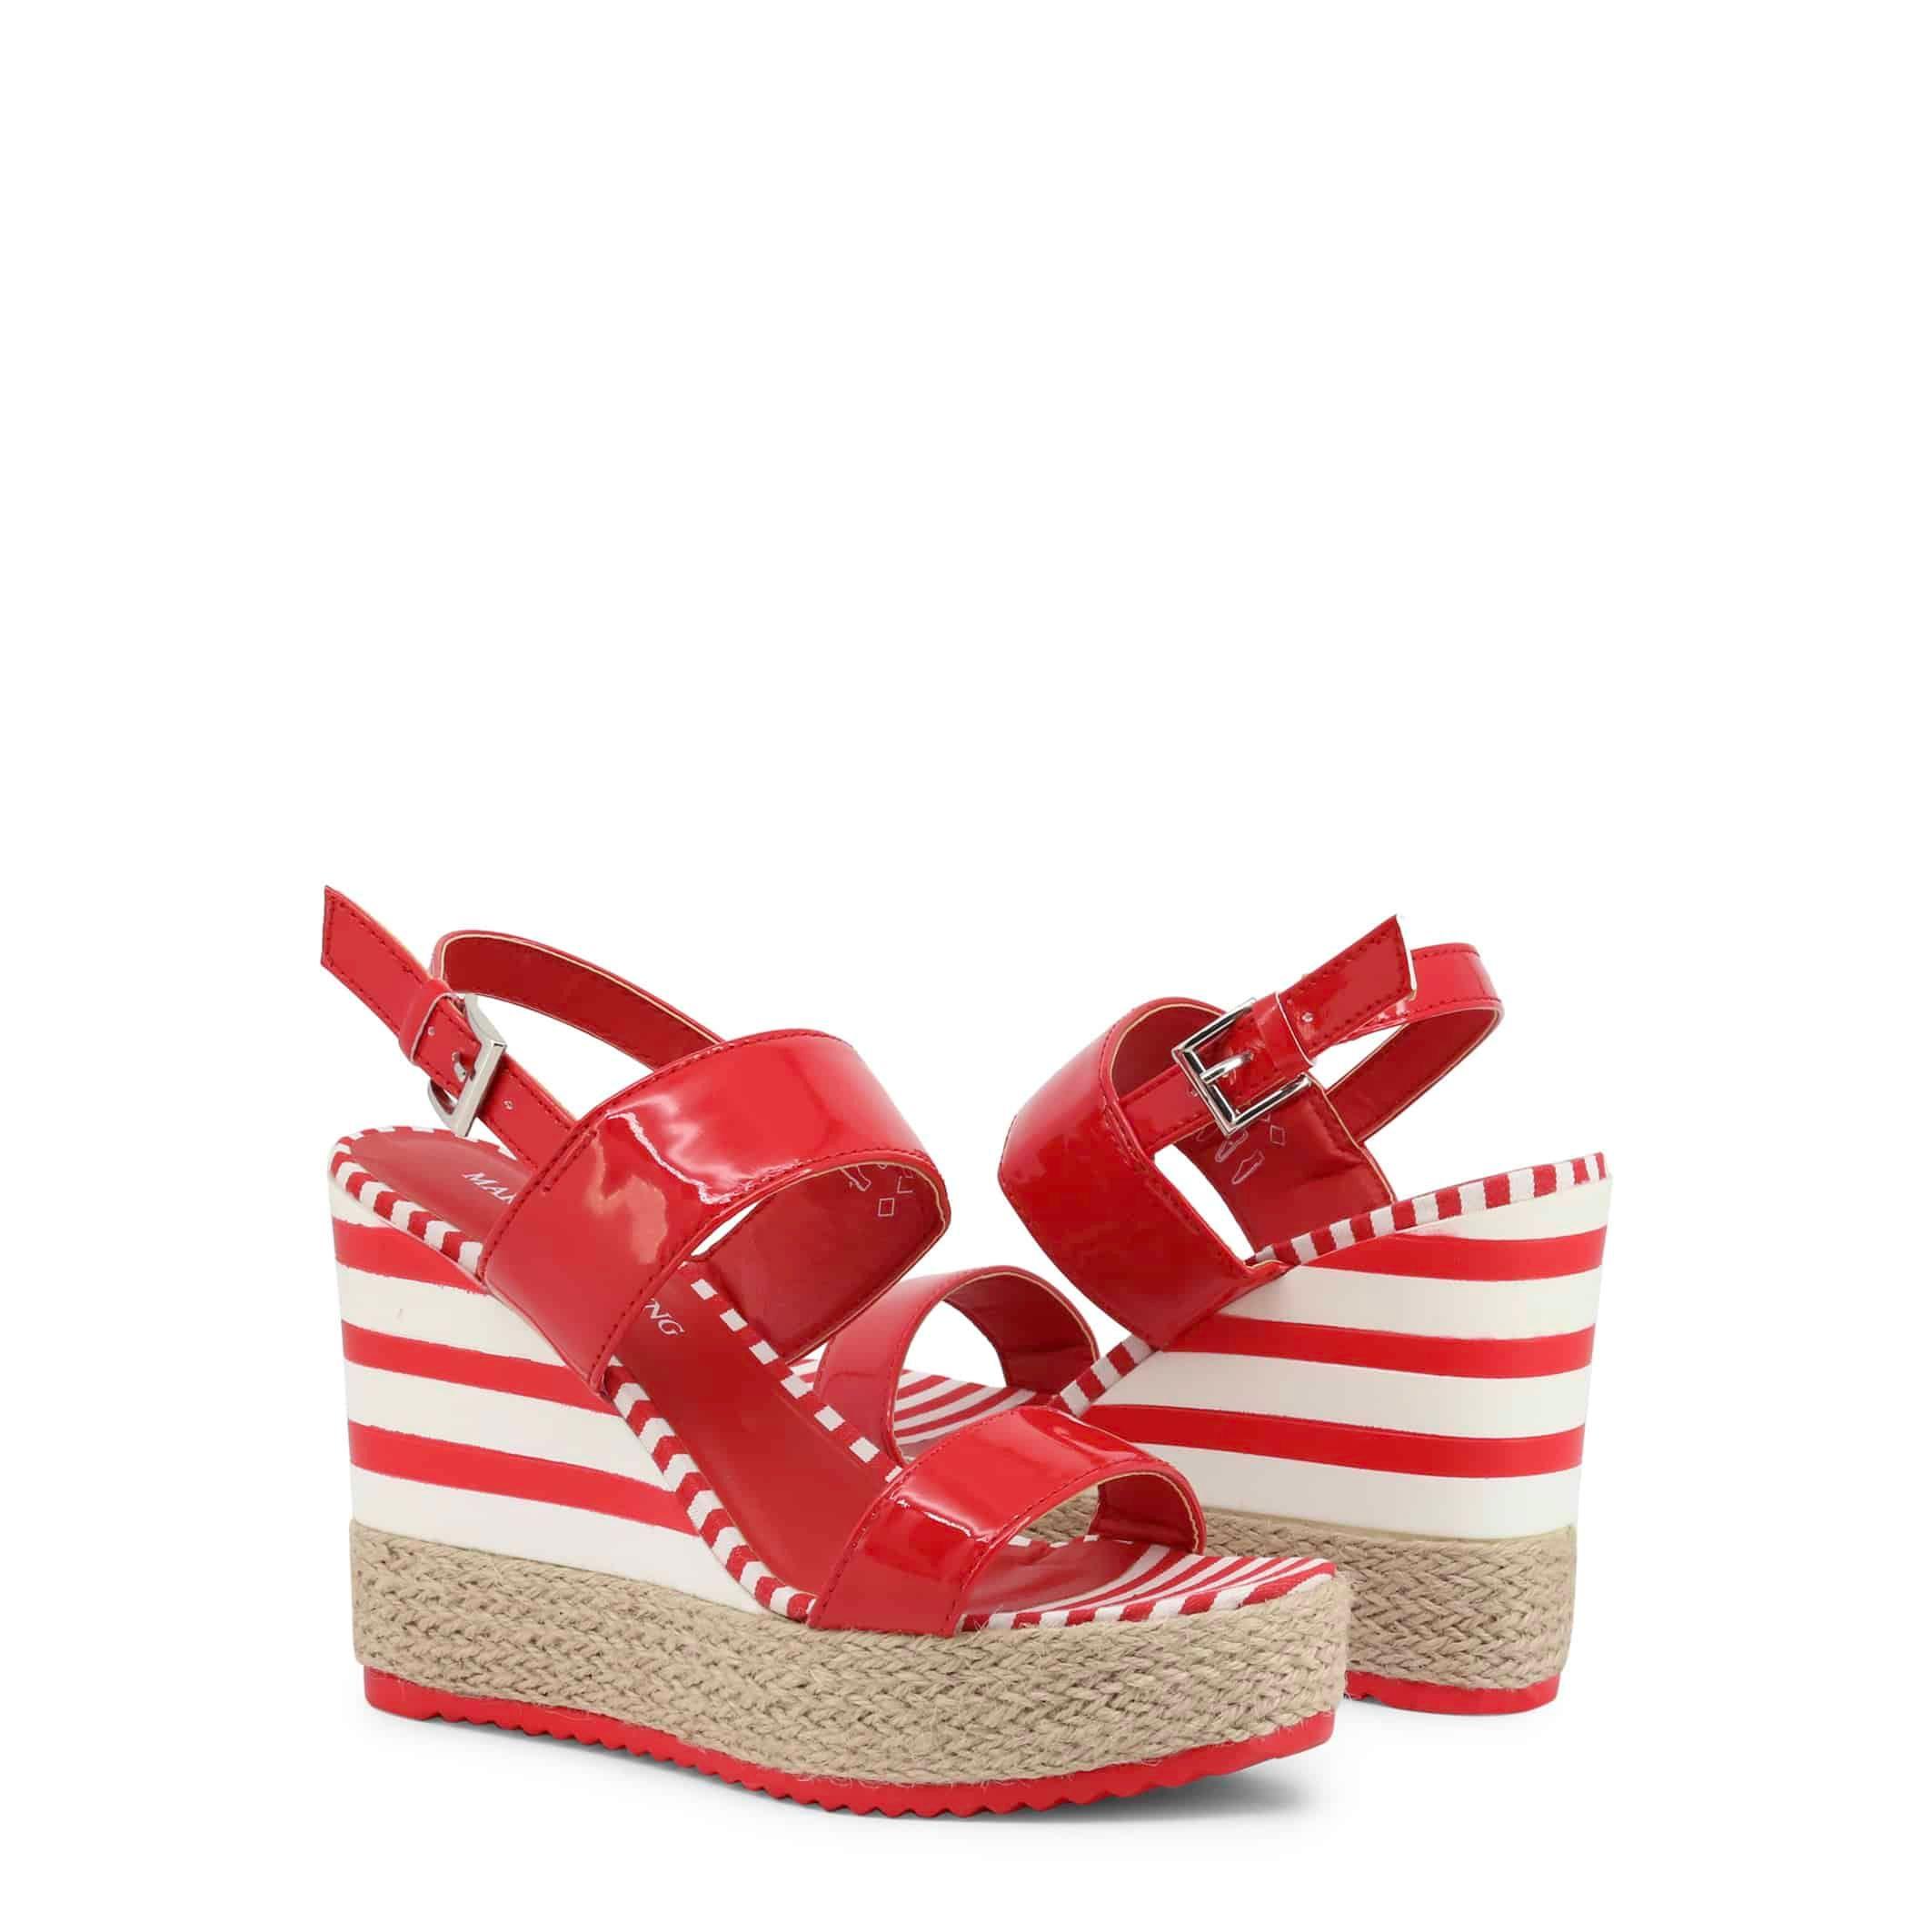 Marina Yachting – LOTUS181W616145 – Rojo